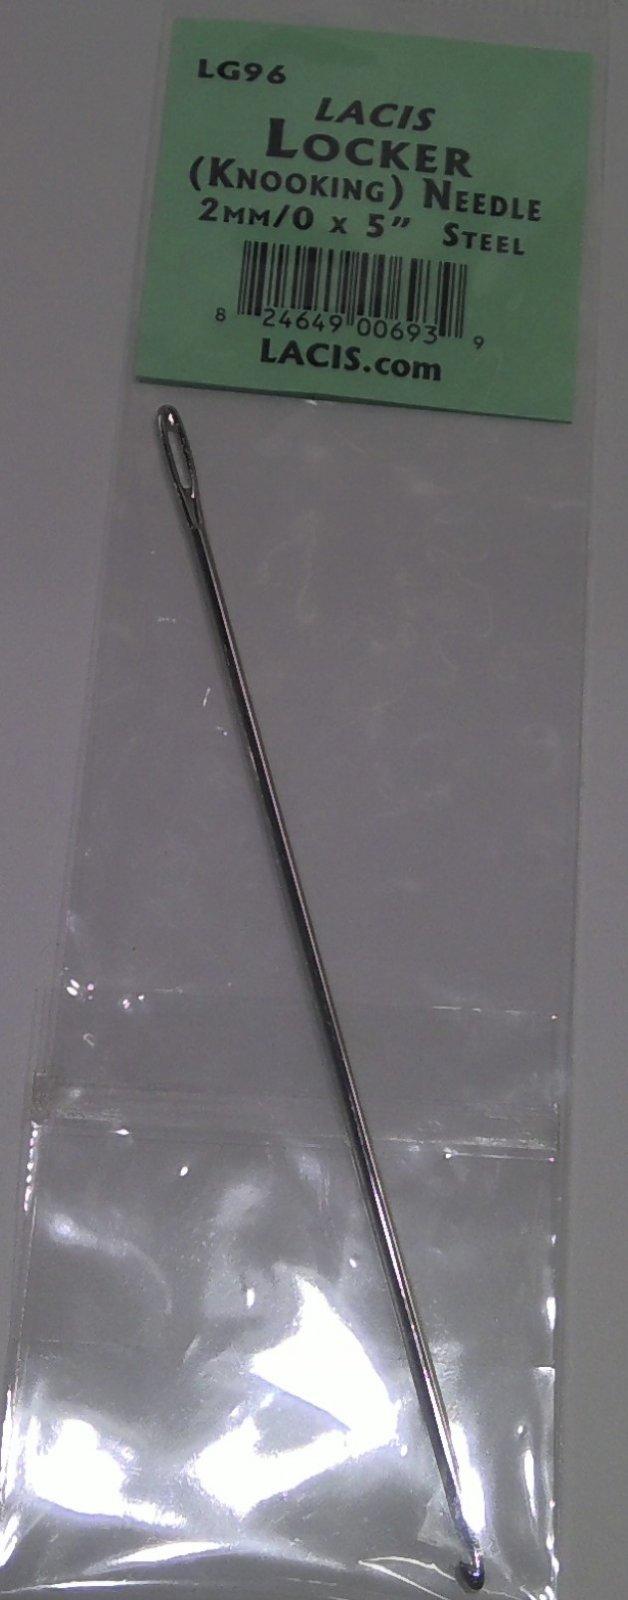 Metal Locker/Knooking Needles